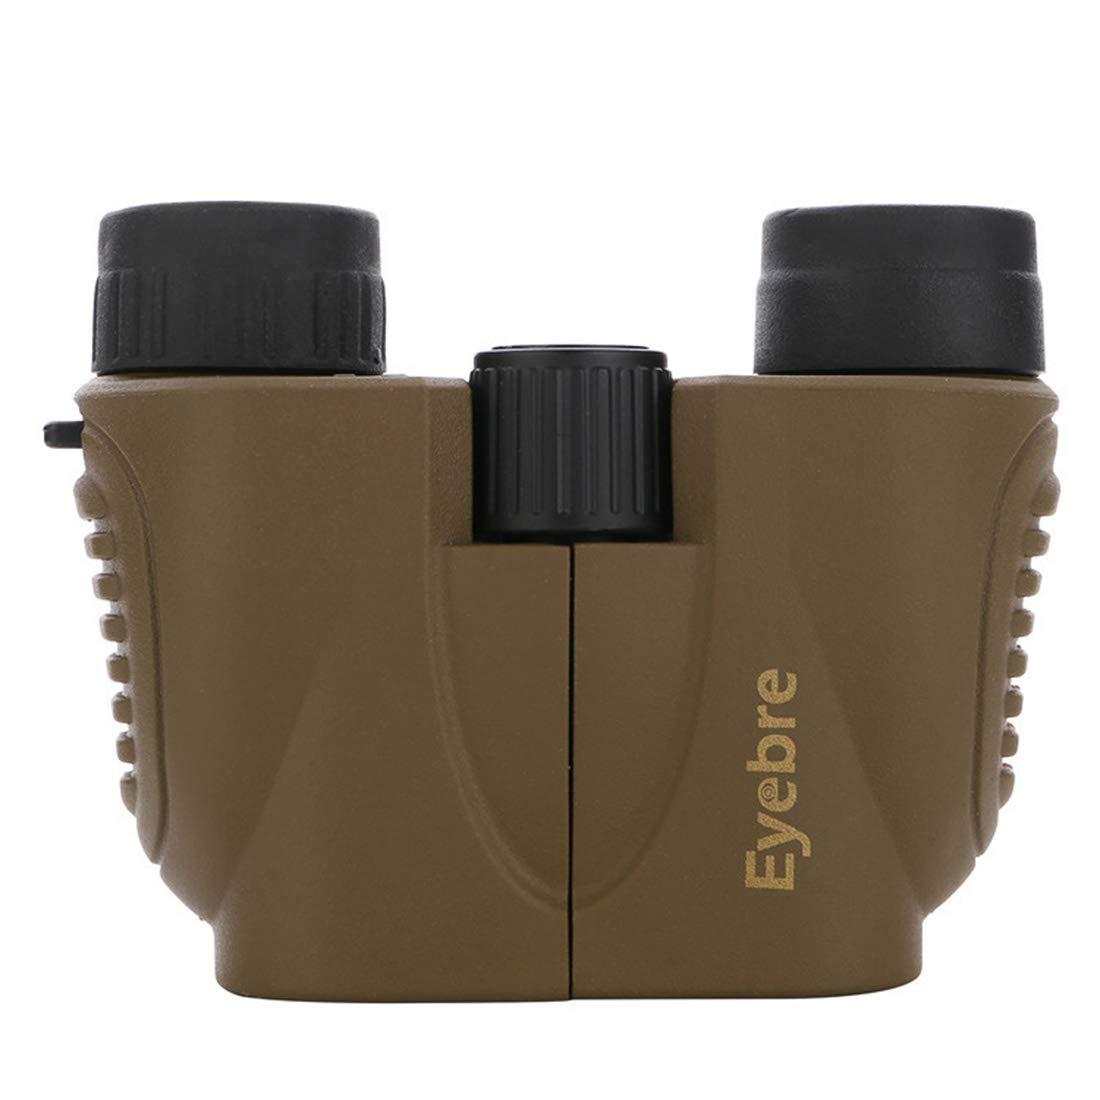 Dhrfyktu Mini prismáticos portátiles de de de Mano con prismáticos 10x22 de Color marrón para Uso en Exteriores (Color : Marrón) 89dc54